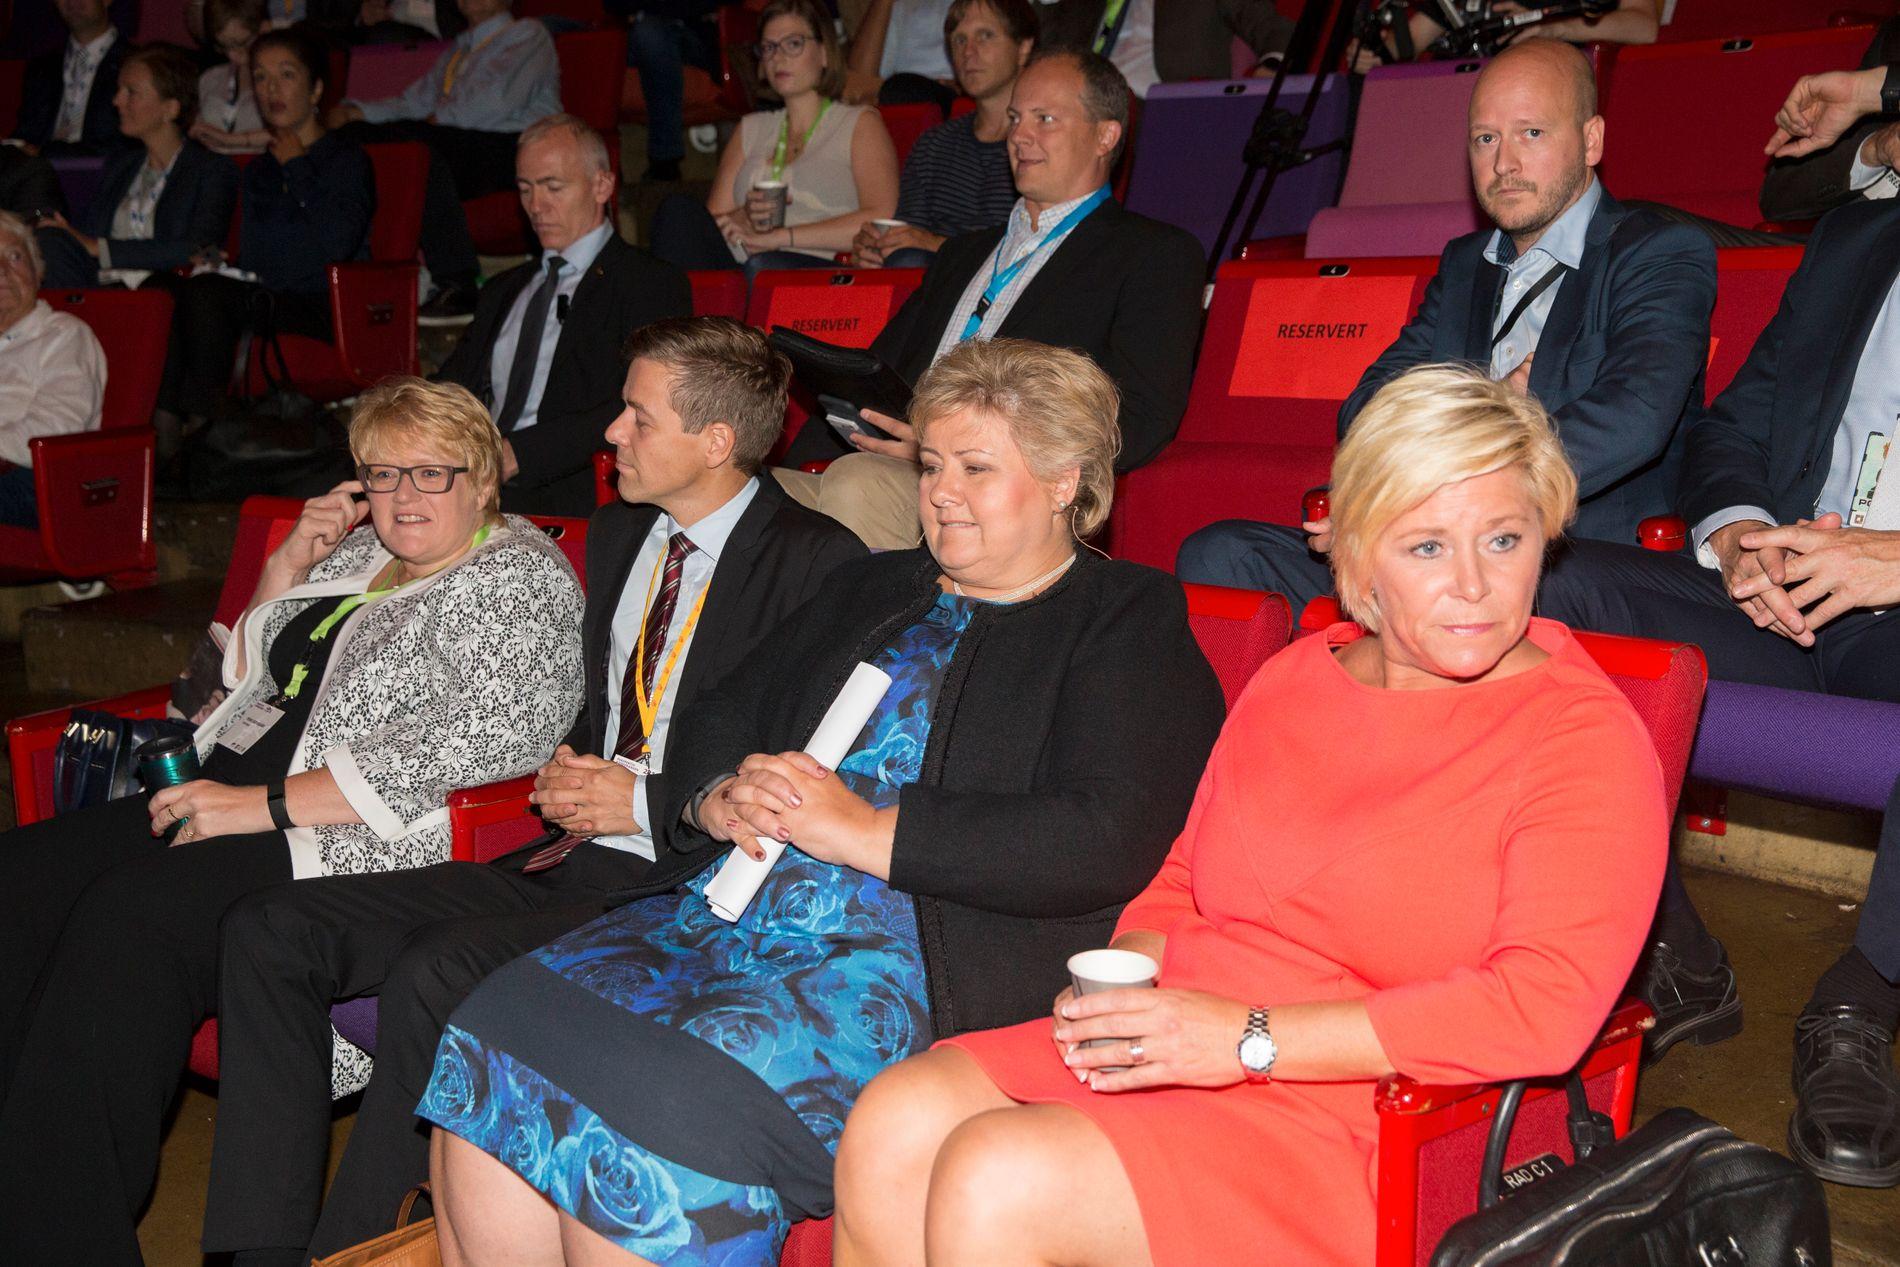 Partilederne Siv Jensen, statsminister Erna Solberg, Knut Arild Hareide og Trine Skei Grande under åpningen av Perspektivkonferansen på Chateau Neuf, torsdag.